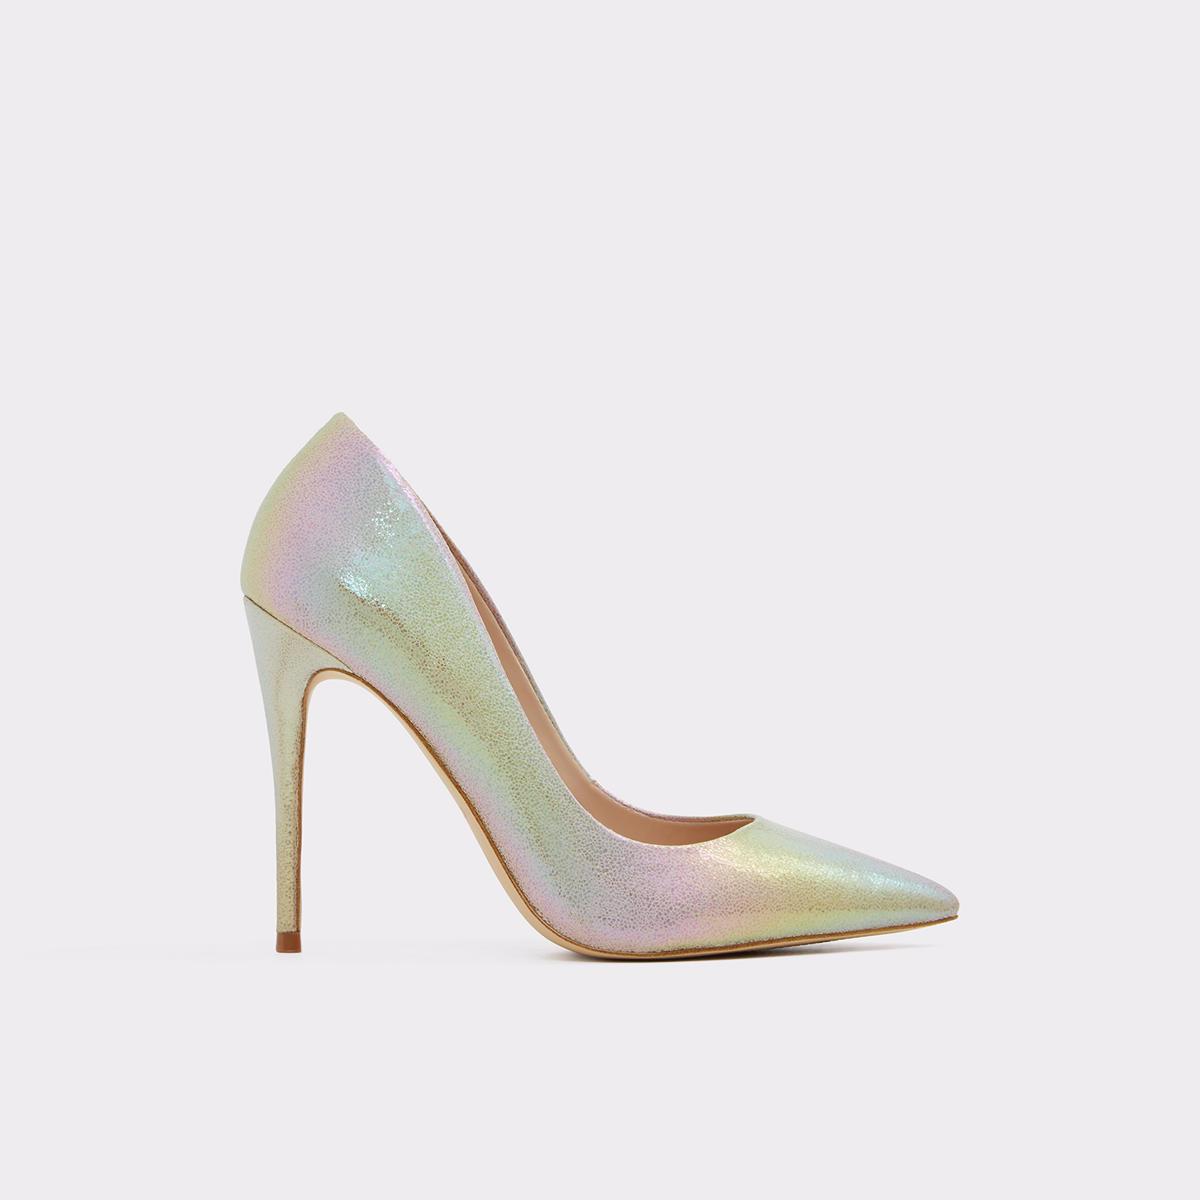 377e2d38dc88 Stessy  Pastel Multi Women s Court shoes